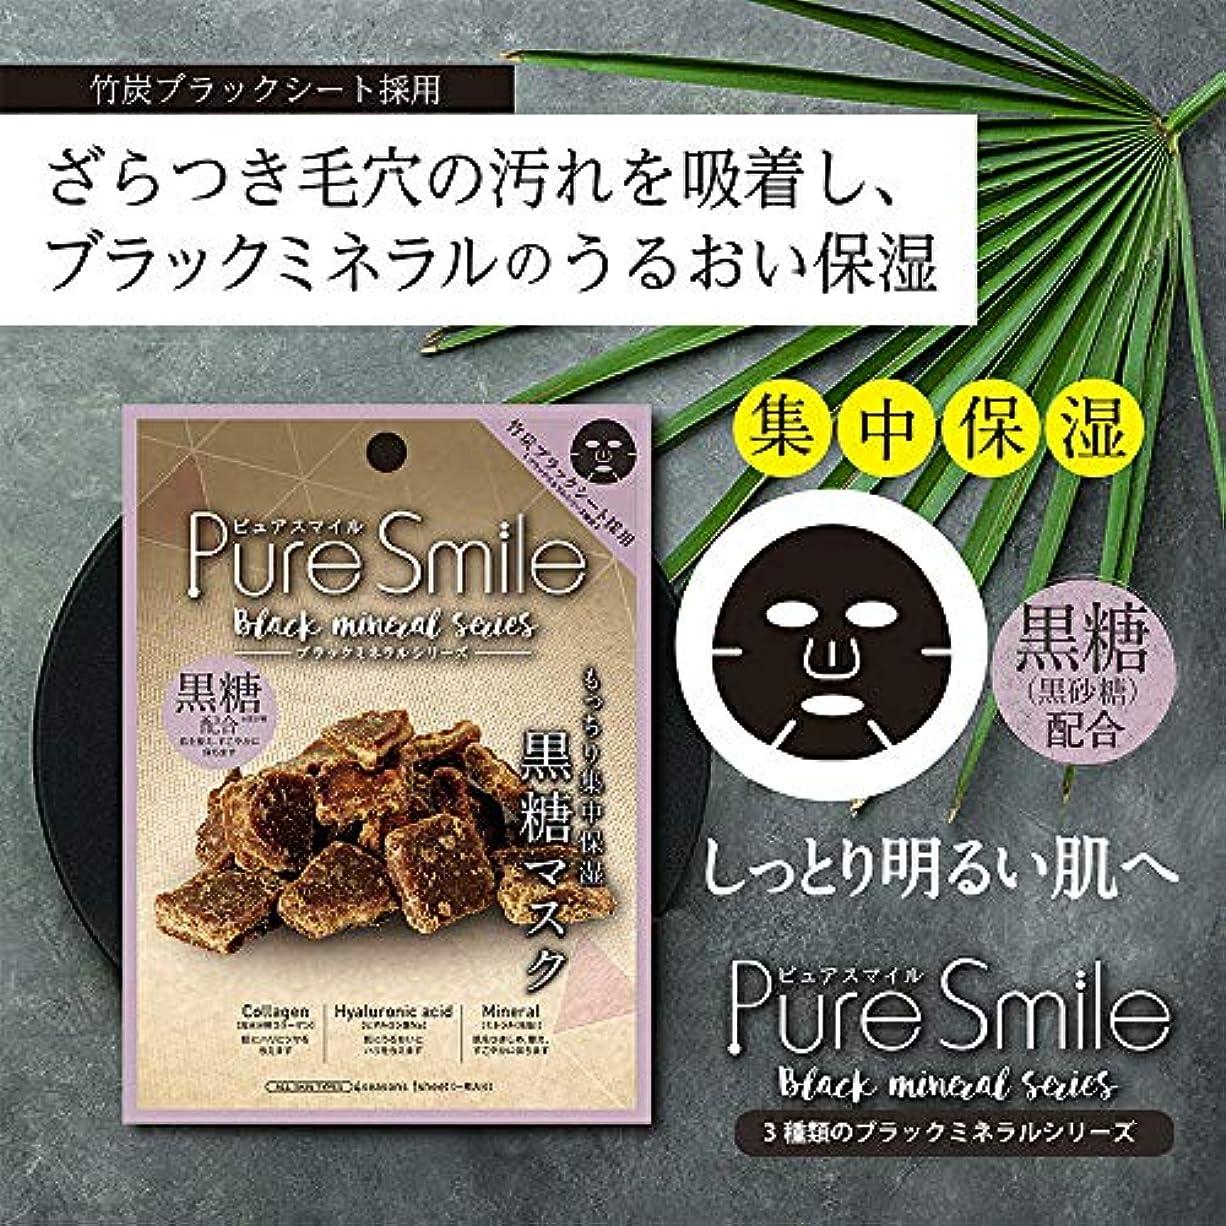 悪の排泄物圧力Pure Smile(ピュアスマイル) エッセンスマスク 『ブラックミネラルシリーズ』 (黒糖) フェイスマスク パック